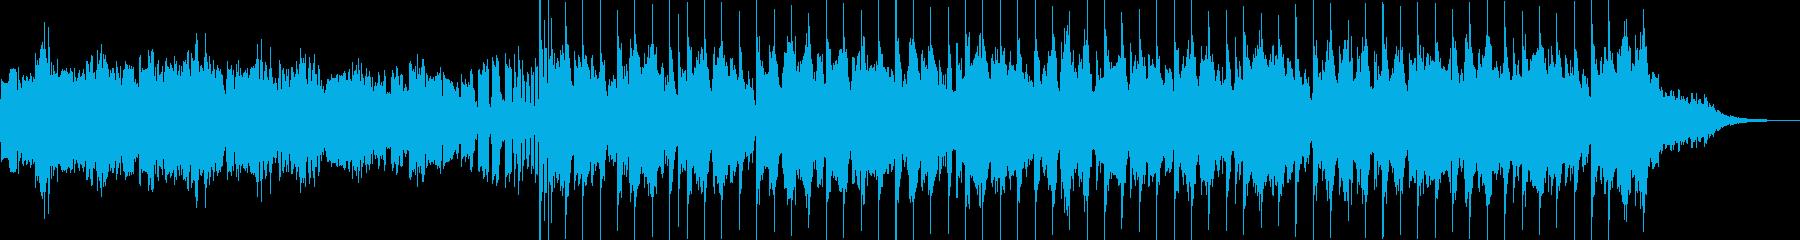 インスタ等ショートムービ向けEDMポップの再生済みの波形